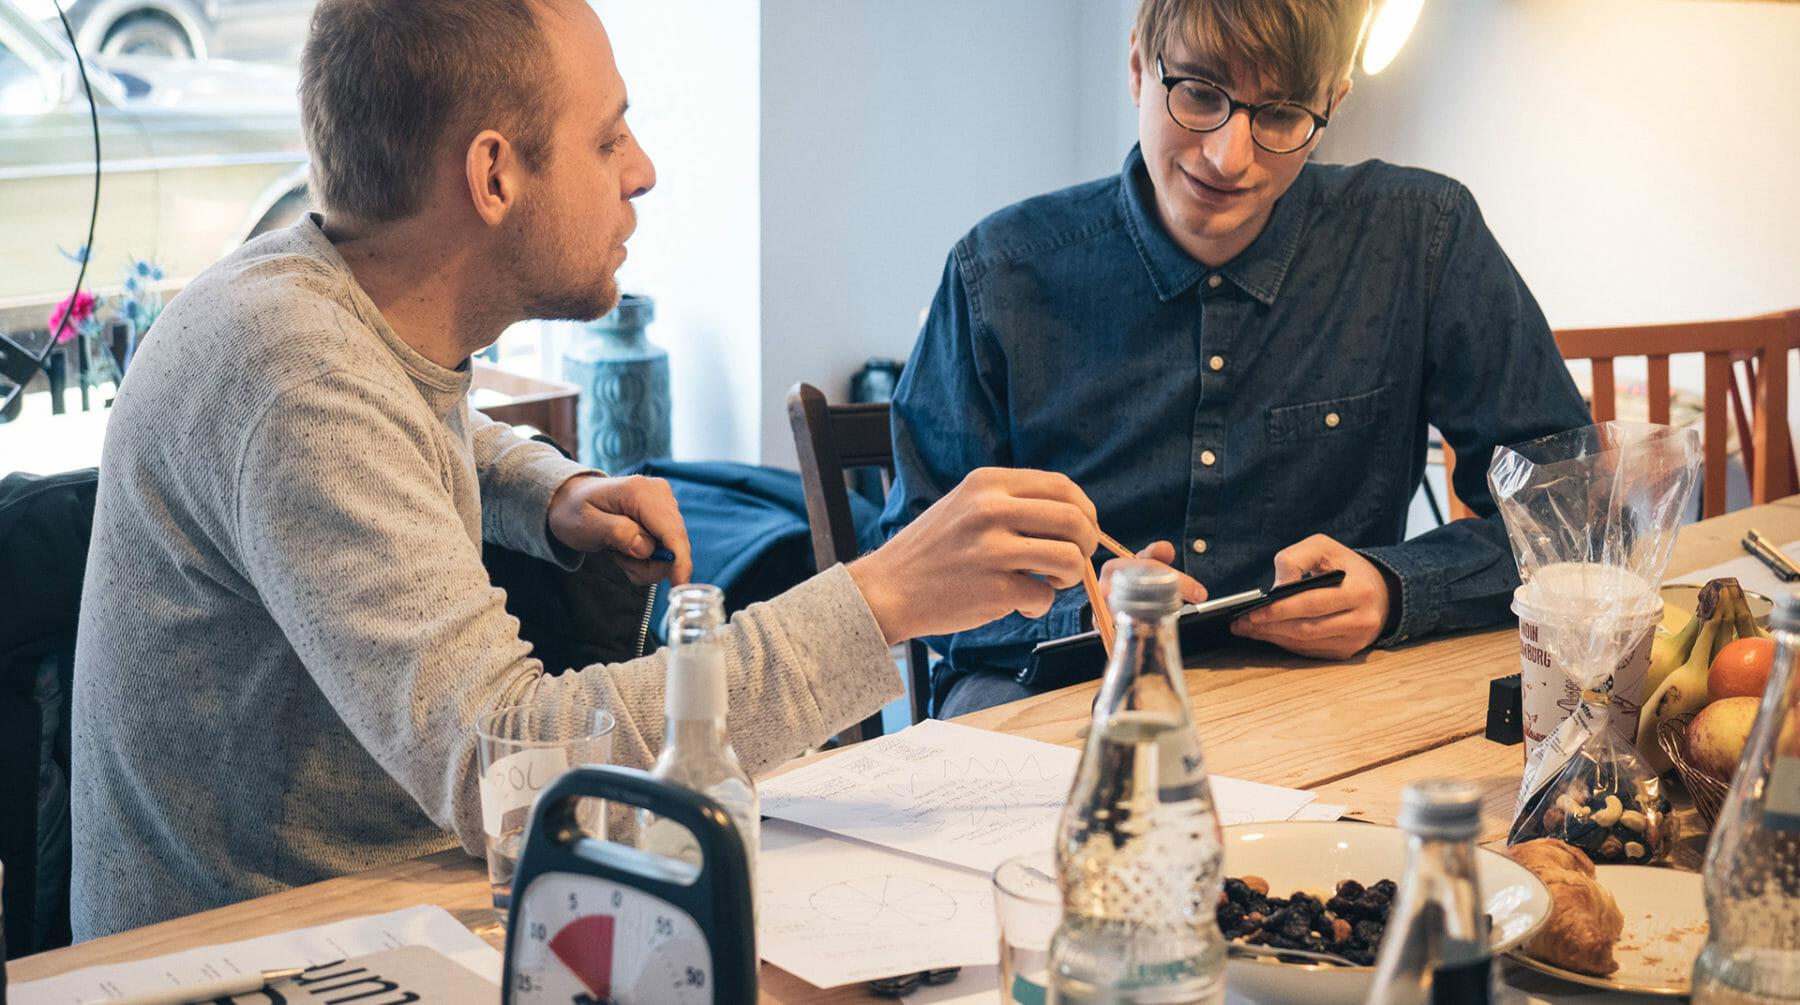 Zwei Sprint-Teilnehmer beim Brainstormen